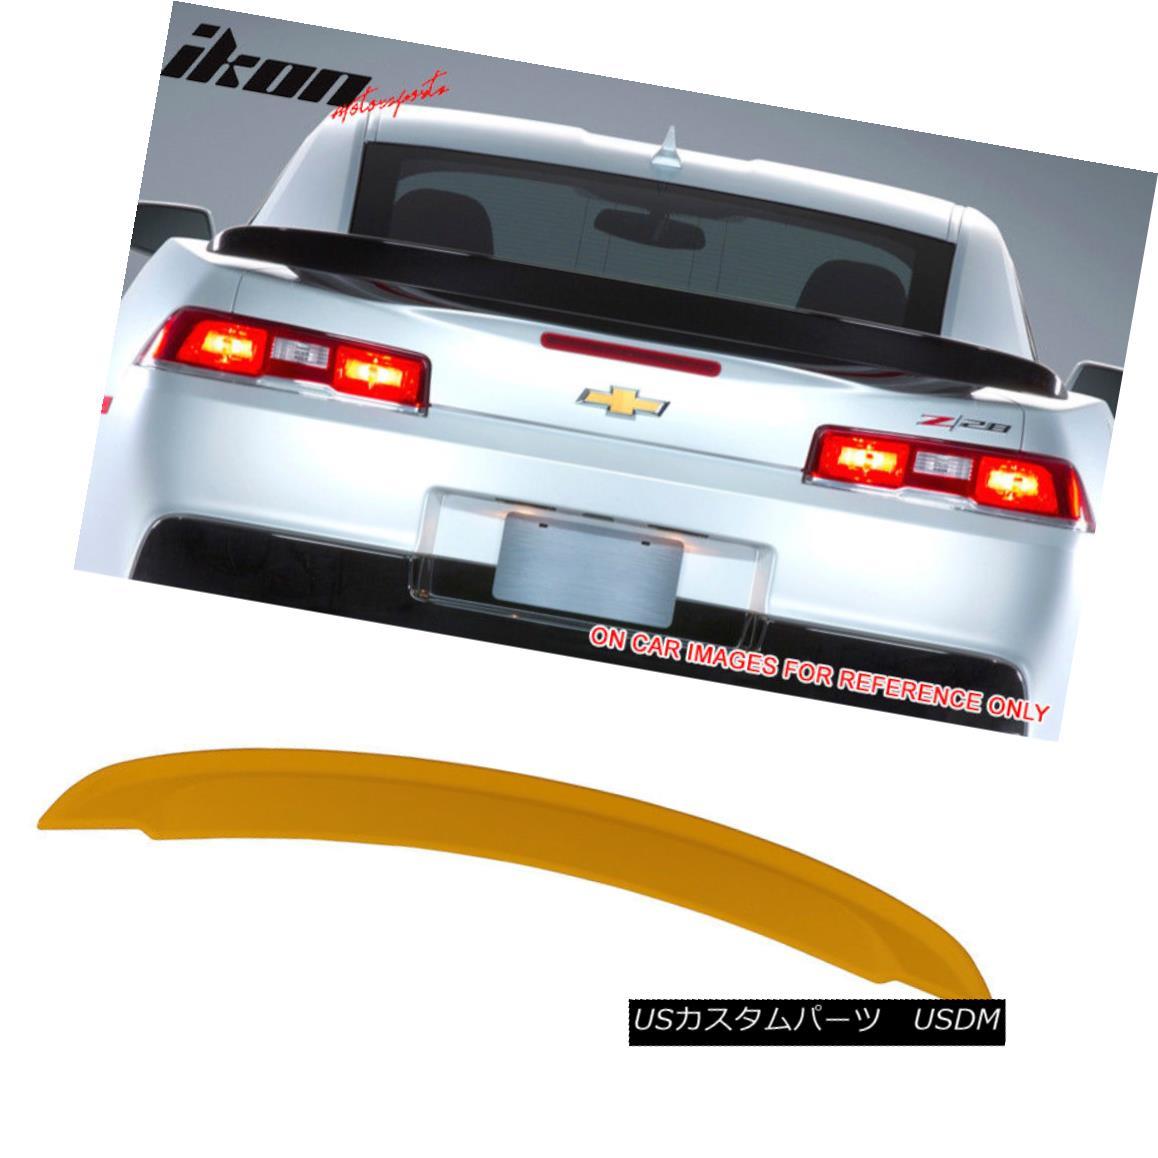 エアロパーツ Fits 14-15 Chevy Camaro OE Factory Trunk Spoiler Painted WA9414 Yellow フィット14-15シボレーカマロOE工場トランクスポイラーは、WA9414イエロー